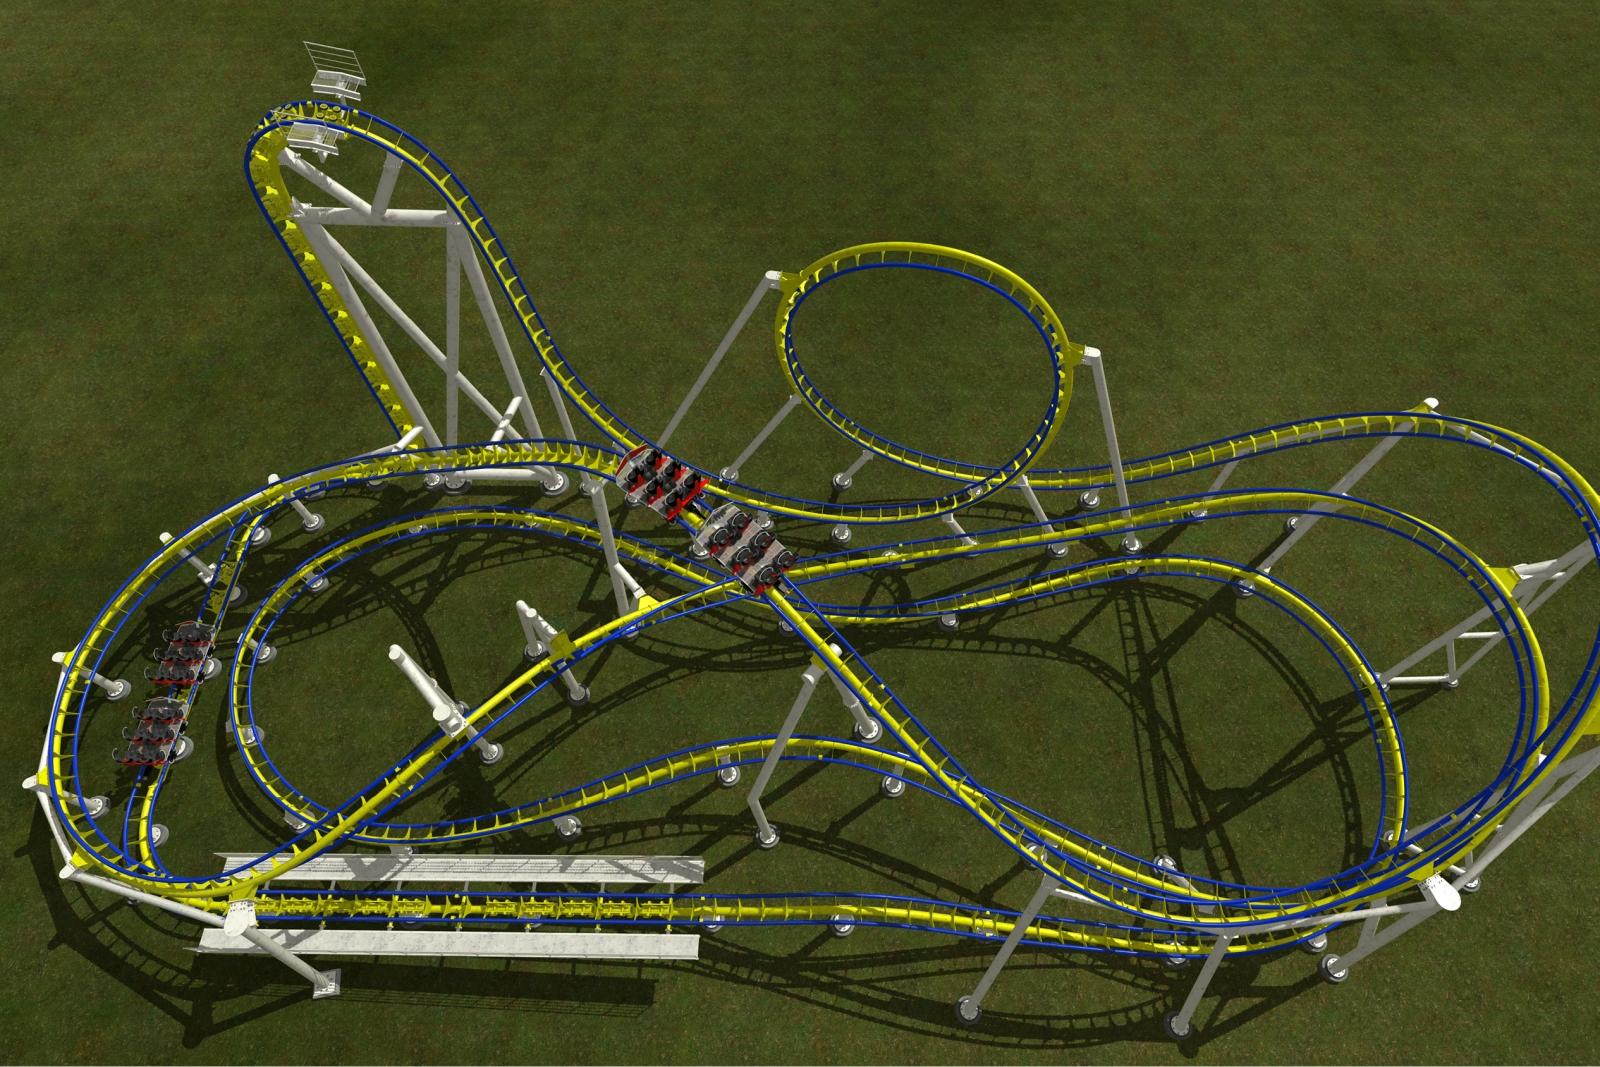 Mega Roller Coaster